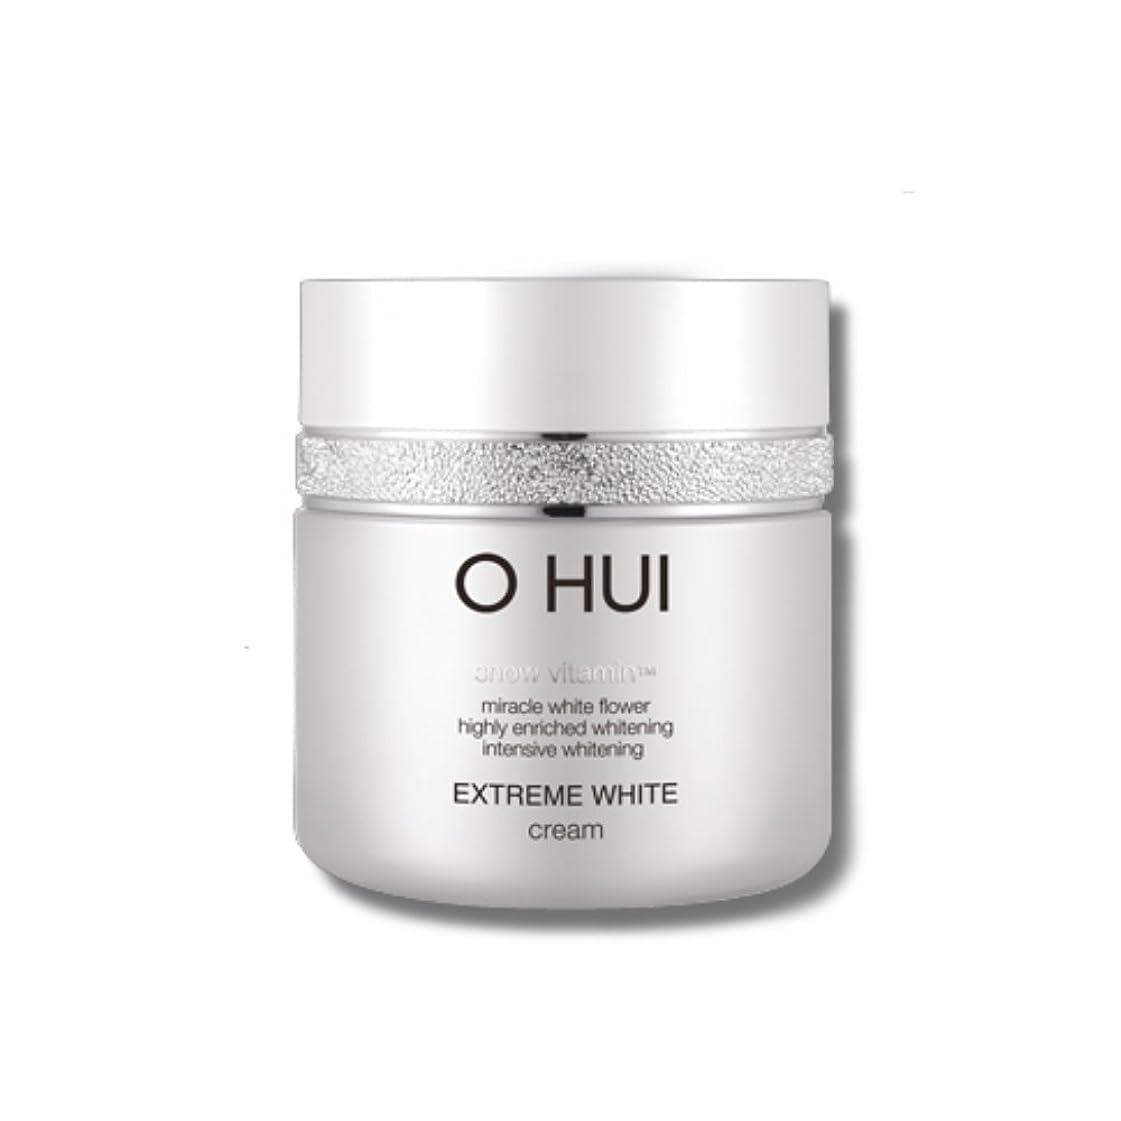 うるさいカビ持続するOHUI Extreme White Cream 50ml/オフィ エクストリーム ホワイト クリーム 50ml [並行輸入品]